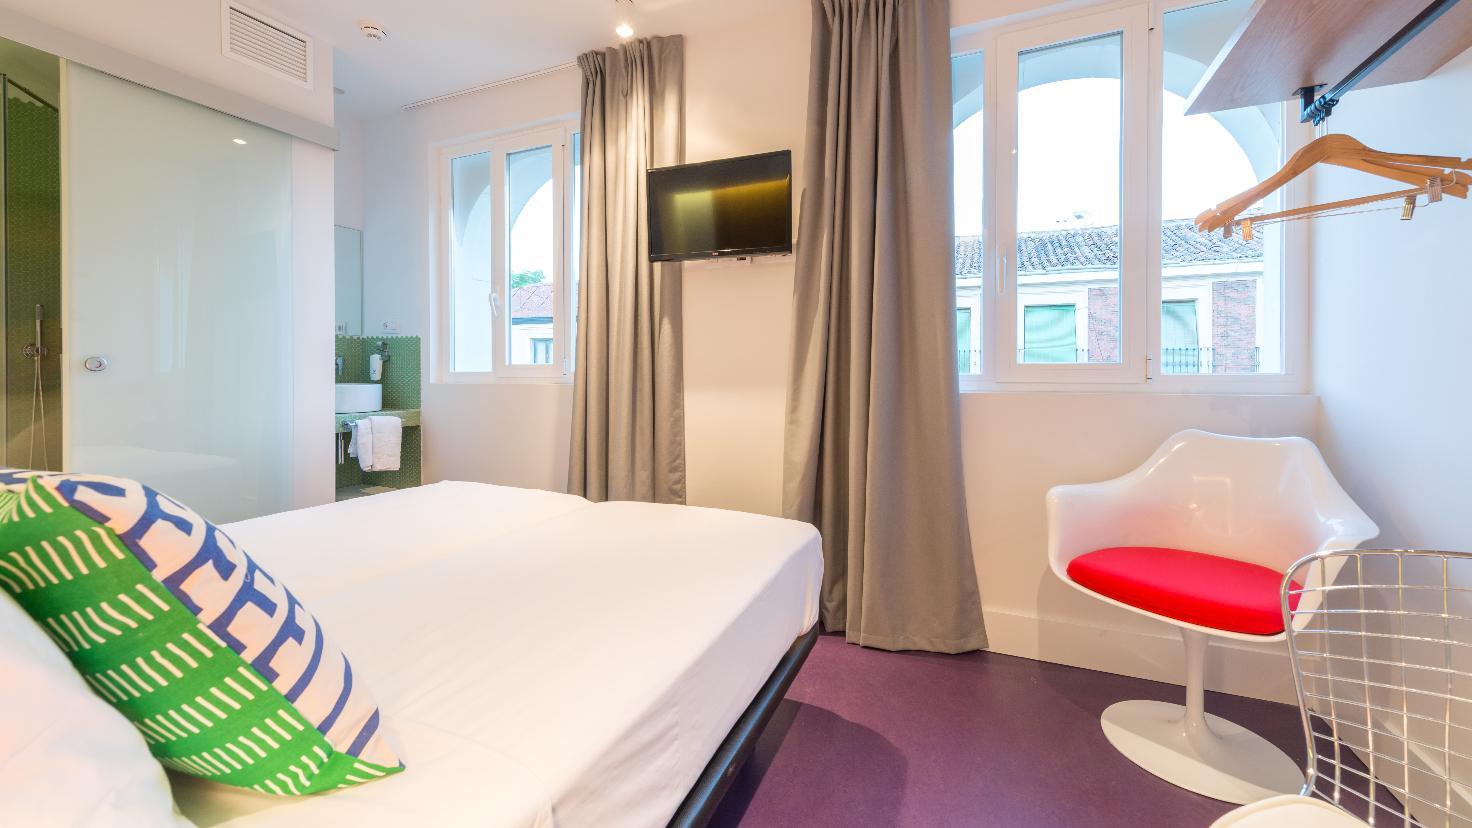 Fotos del hotel - SLEEPN ATOCHA